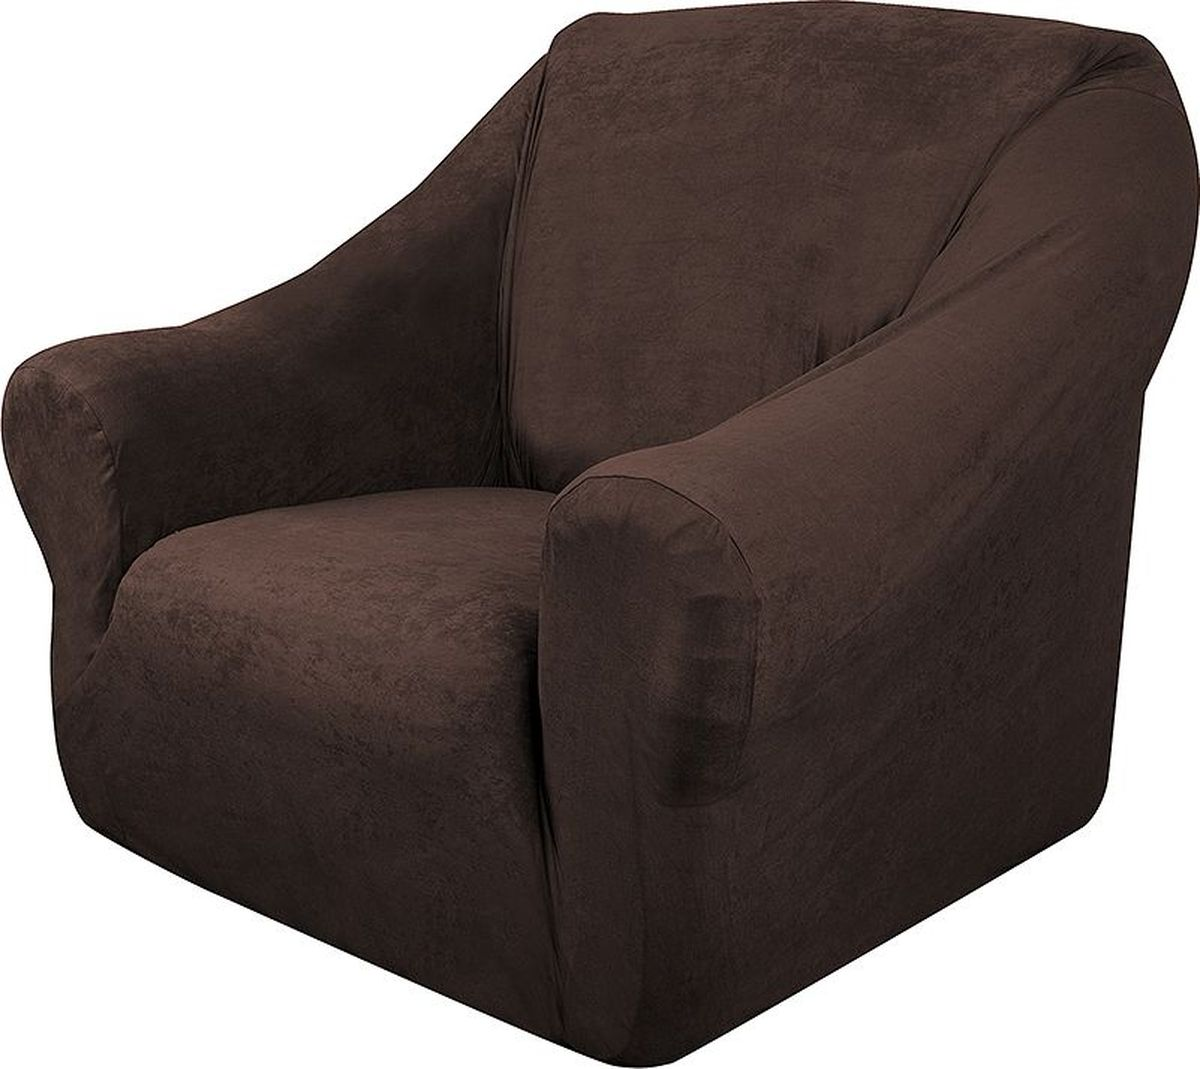 Чехол на кресло Медежда Лидс, цвет: шоколадный1401071111000Чехол на кресло Медежда Лидс изготовлен из искусственной замши, благодаря чему он очень приятен на ощупь и практичен в использовании.Чехол легко растягивается, хорошо принимает форму кресла и подходит для стандартных кресел с шириной спинки от 80 см до 110 см и высотой не более 95 см. За счет специальных фиксаторов чехол прочно держится на мебели, не съезжает и не соскальзывает. Искусственная замша сочетает в себе изящество, стиль и характерные эффекты натуральной замши с прочностью, износостойкостью и фантастическими техническими характеристиками самых современных материалов. По внешнему виду материал практически неотличим от натуральной замши, имеет максимальное визуальное сходство и создает неповторимое ощущение теплоты и пространства.